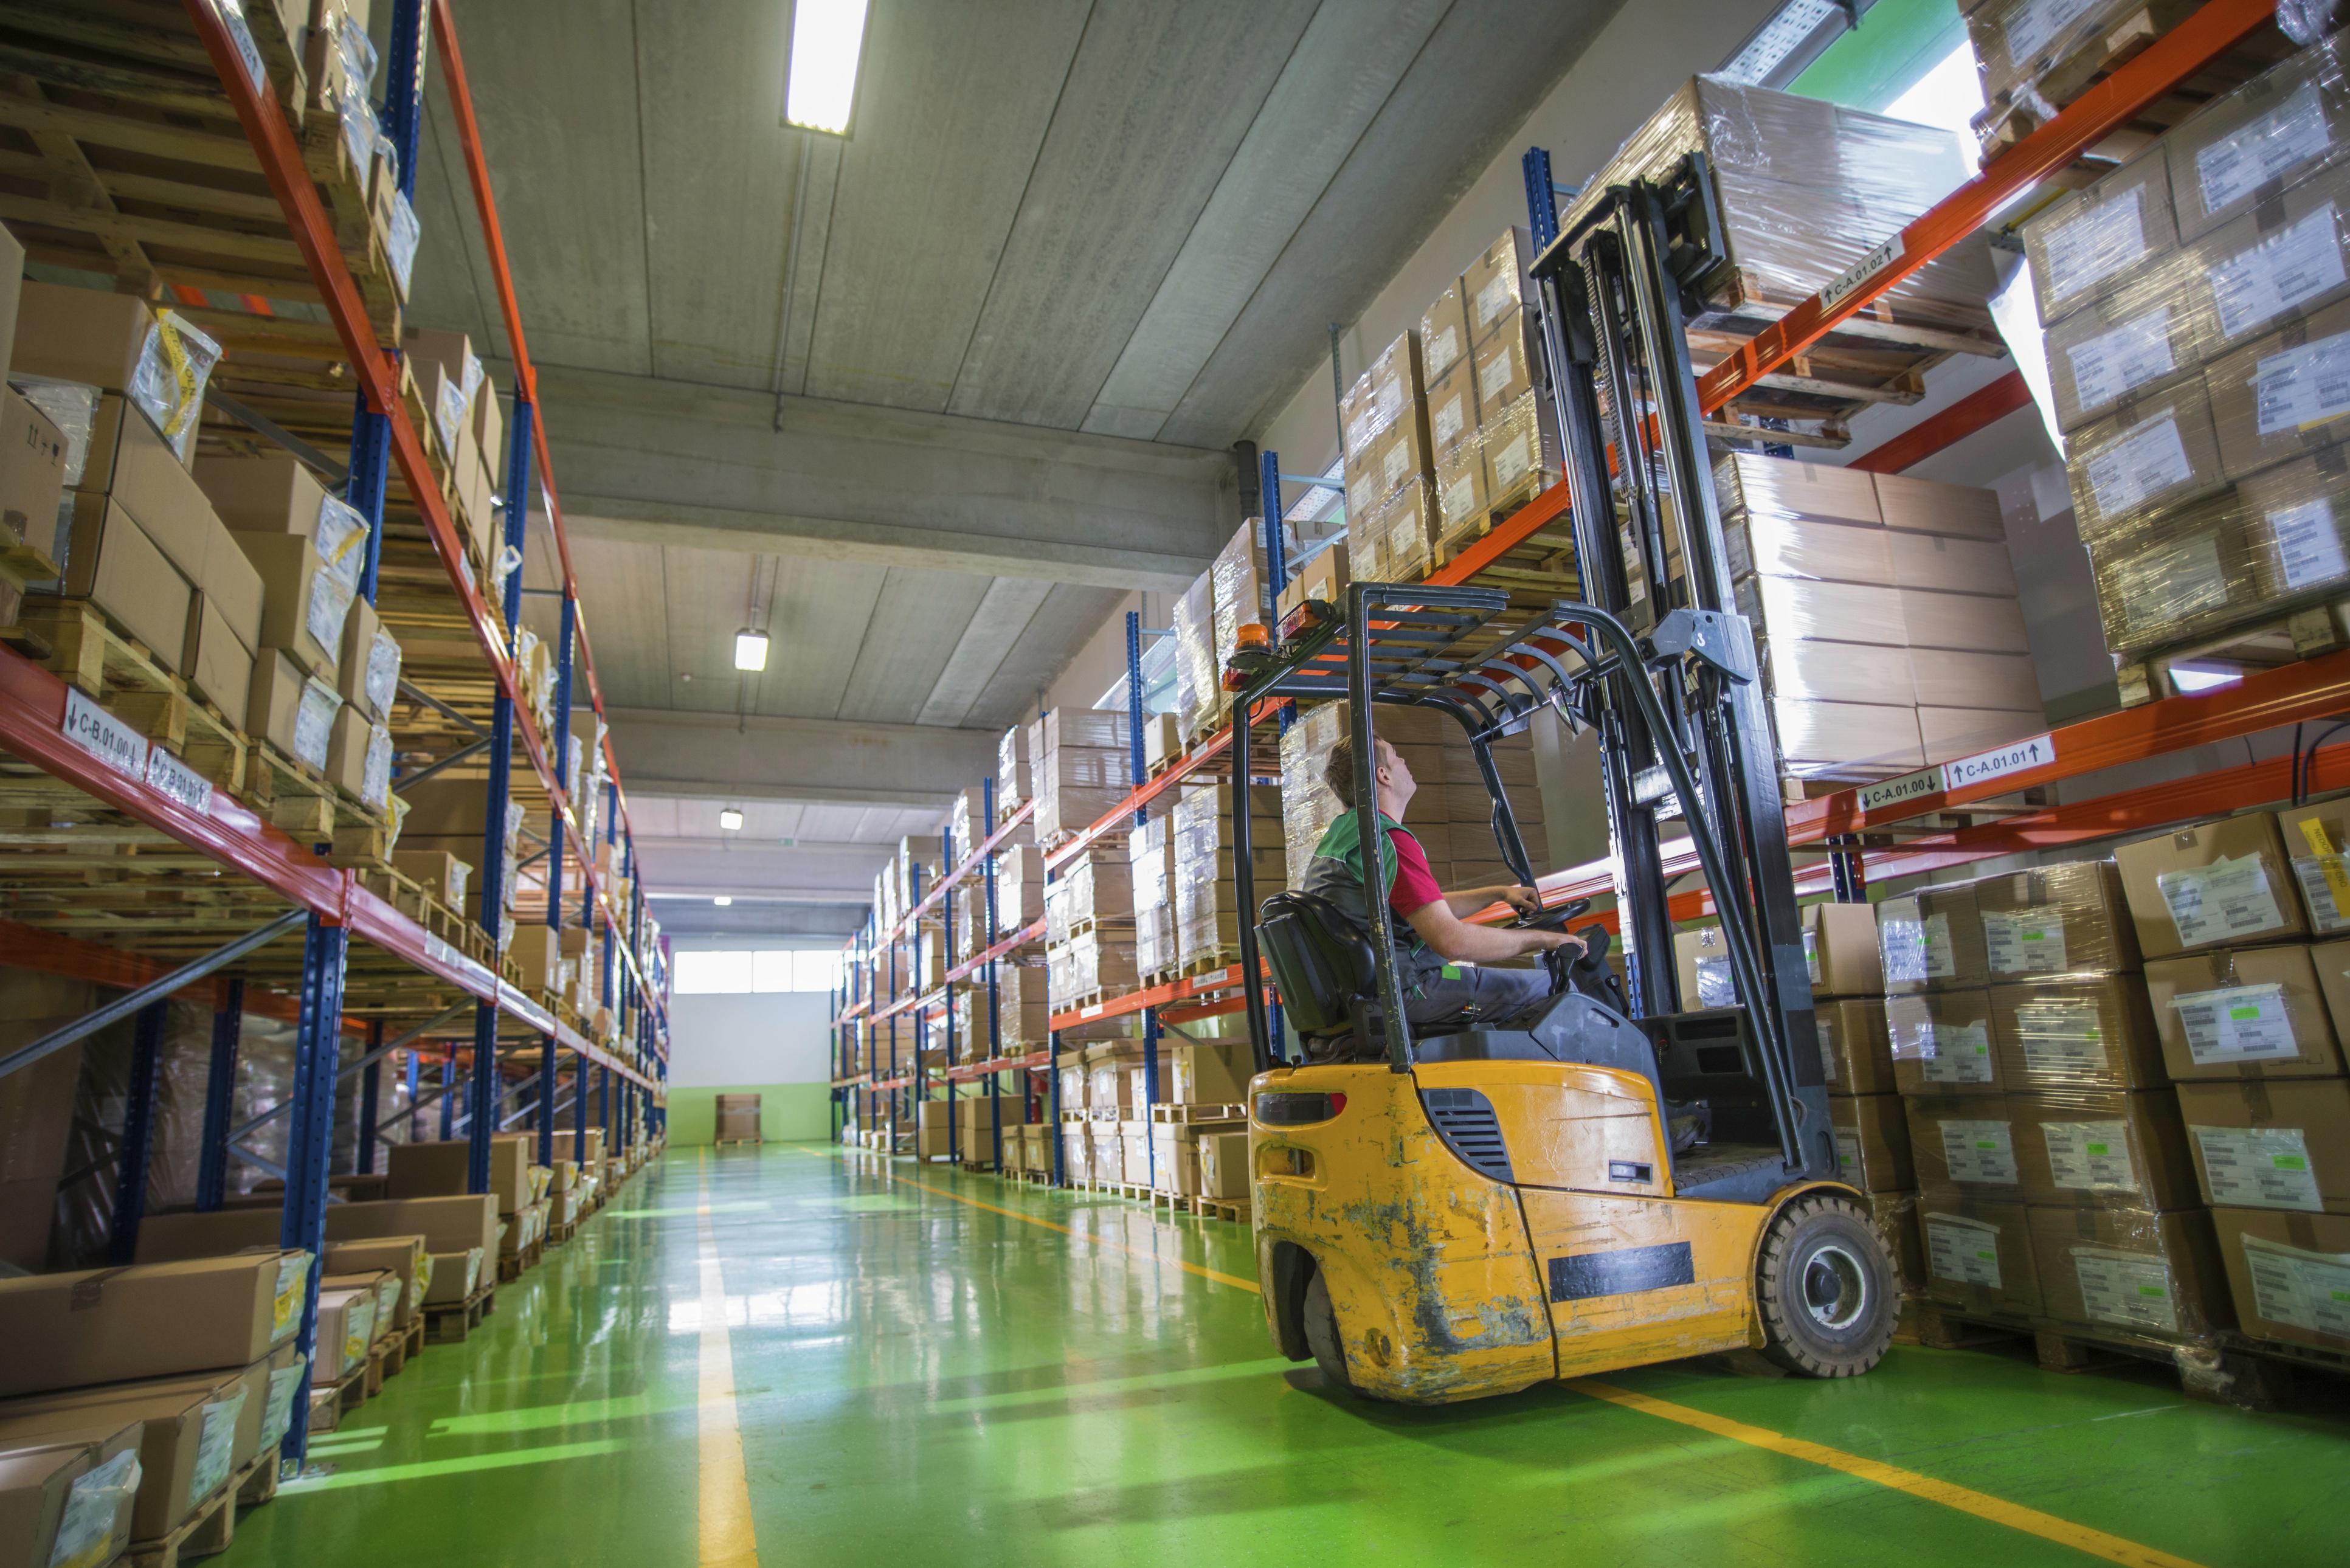 logistica almacen - El centro de distribución: la clave para optimizar el servicio a los clientes